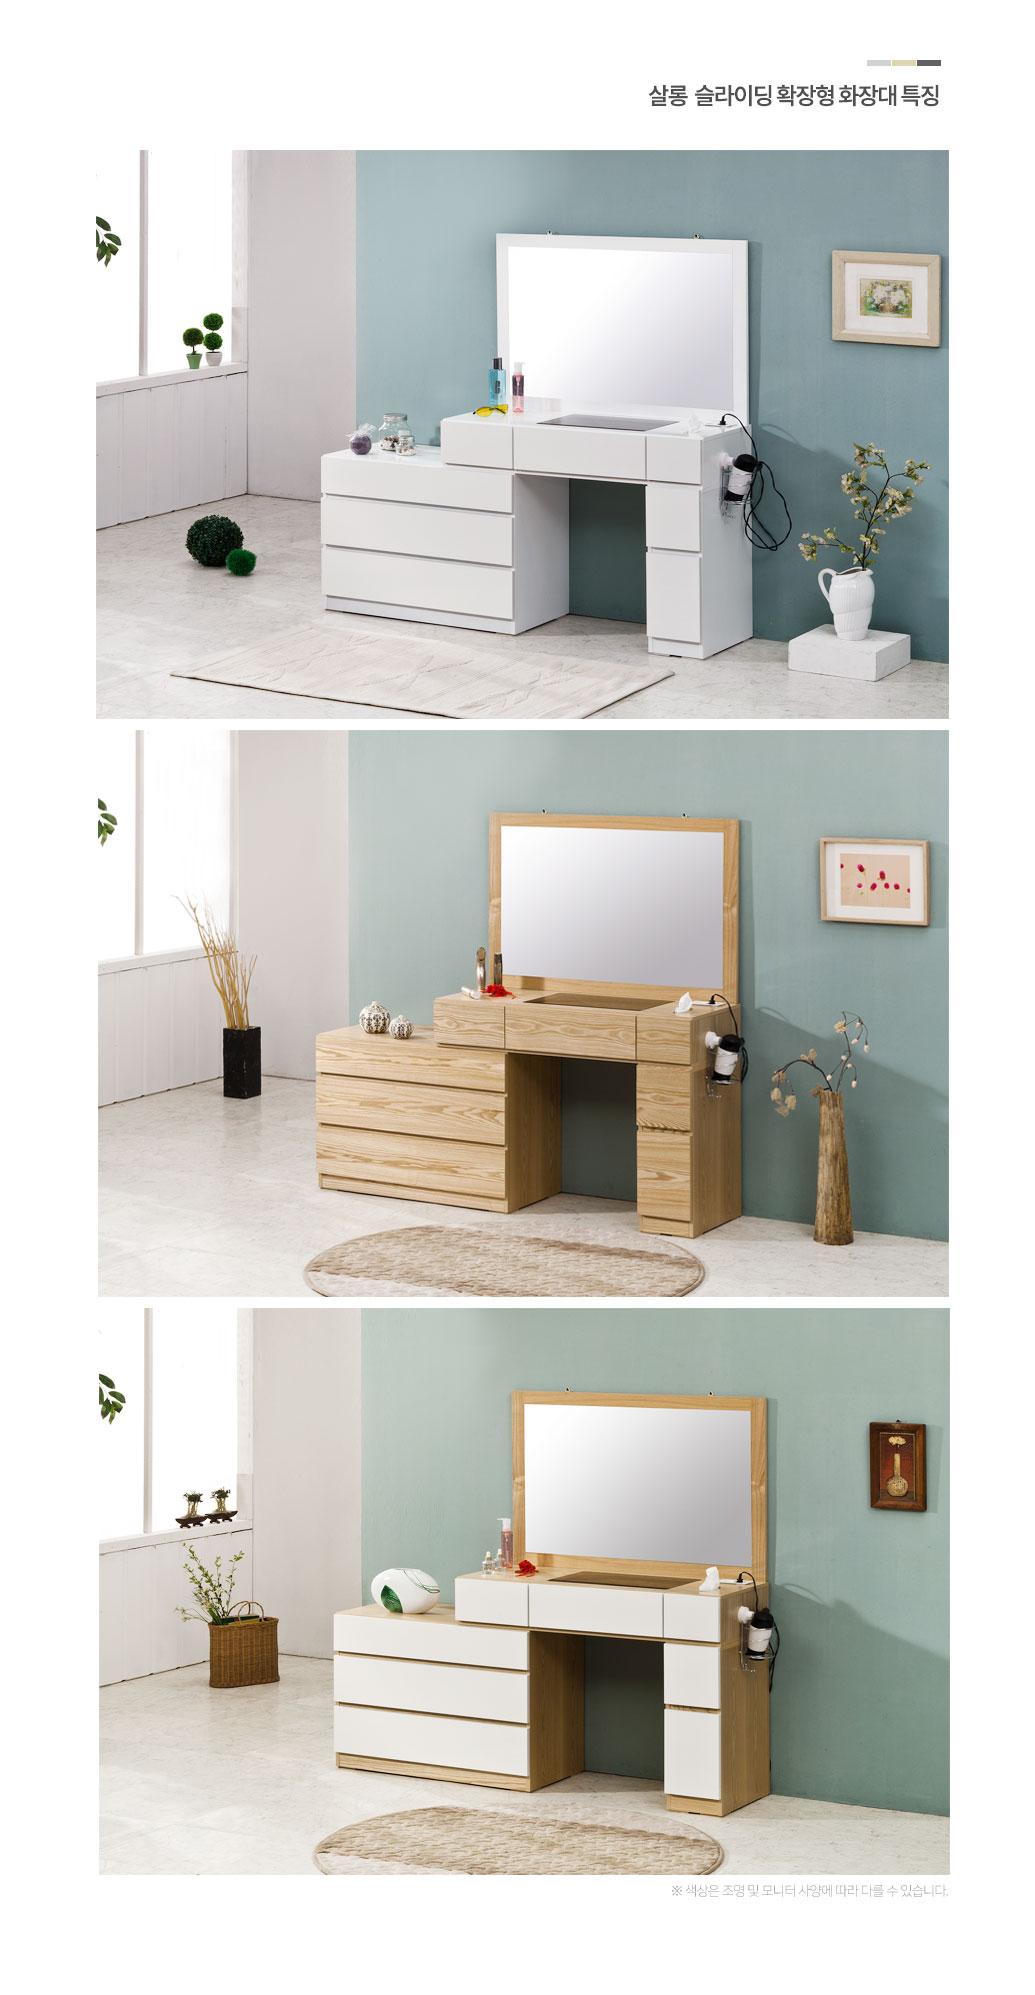 salon_05.jpg